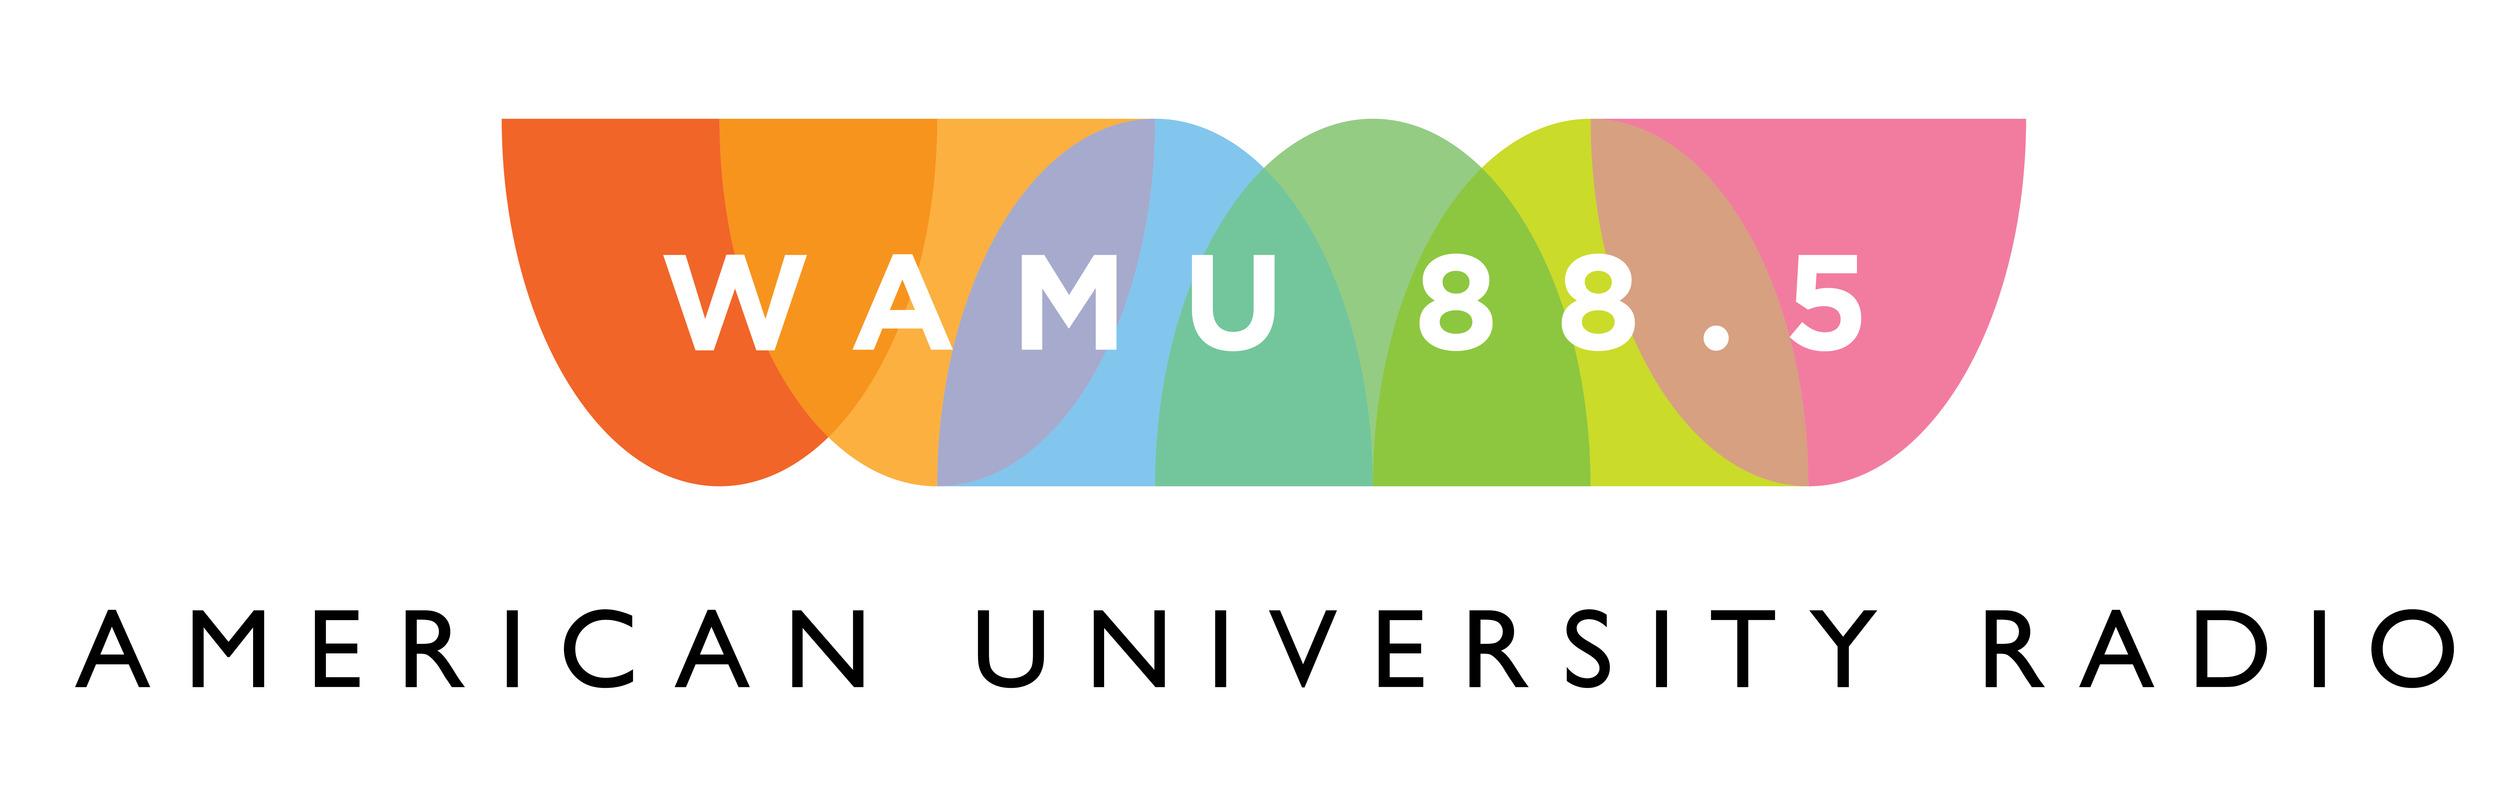 wamu logo.jpg